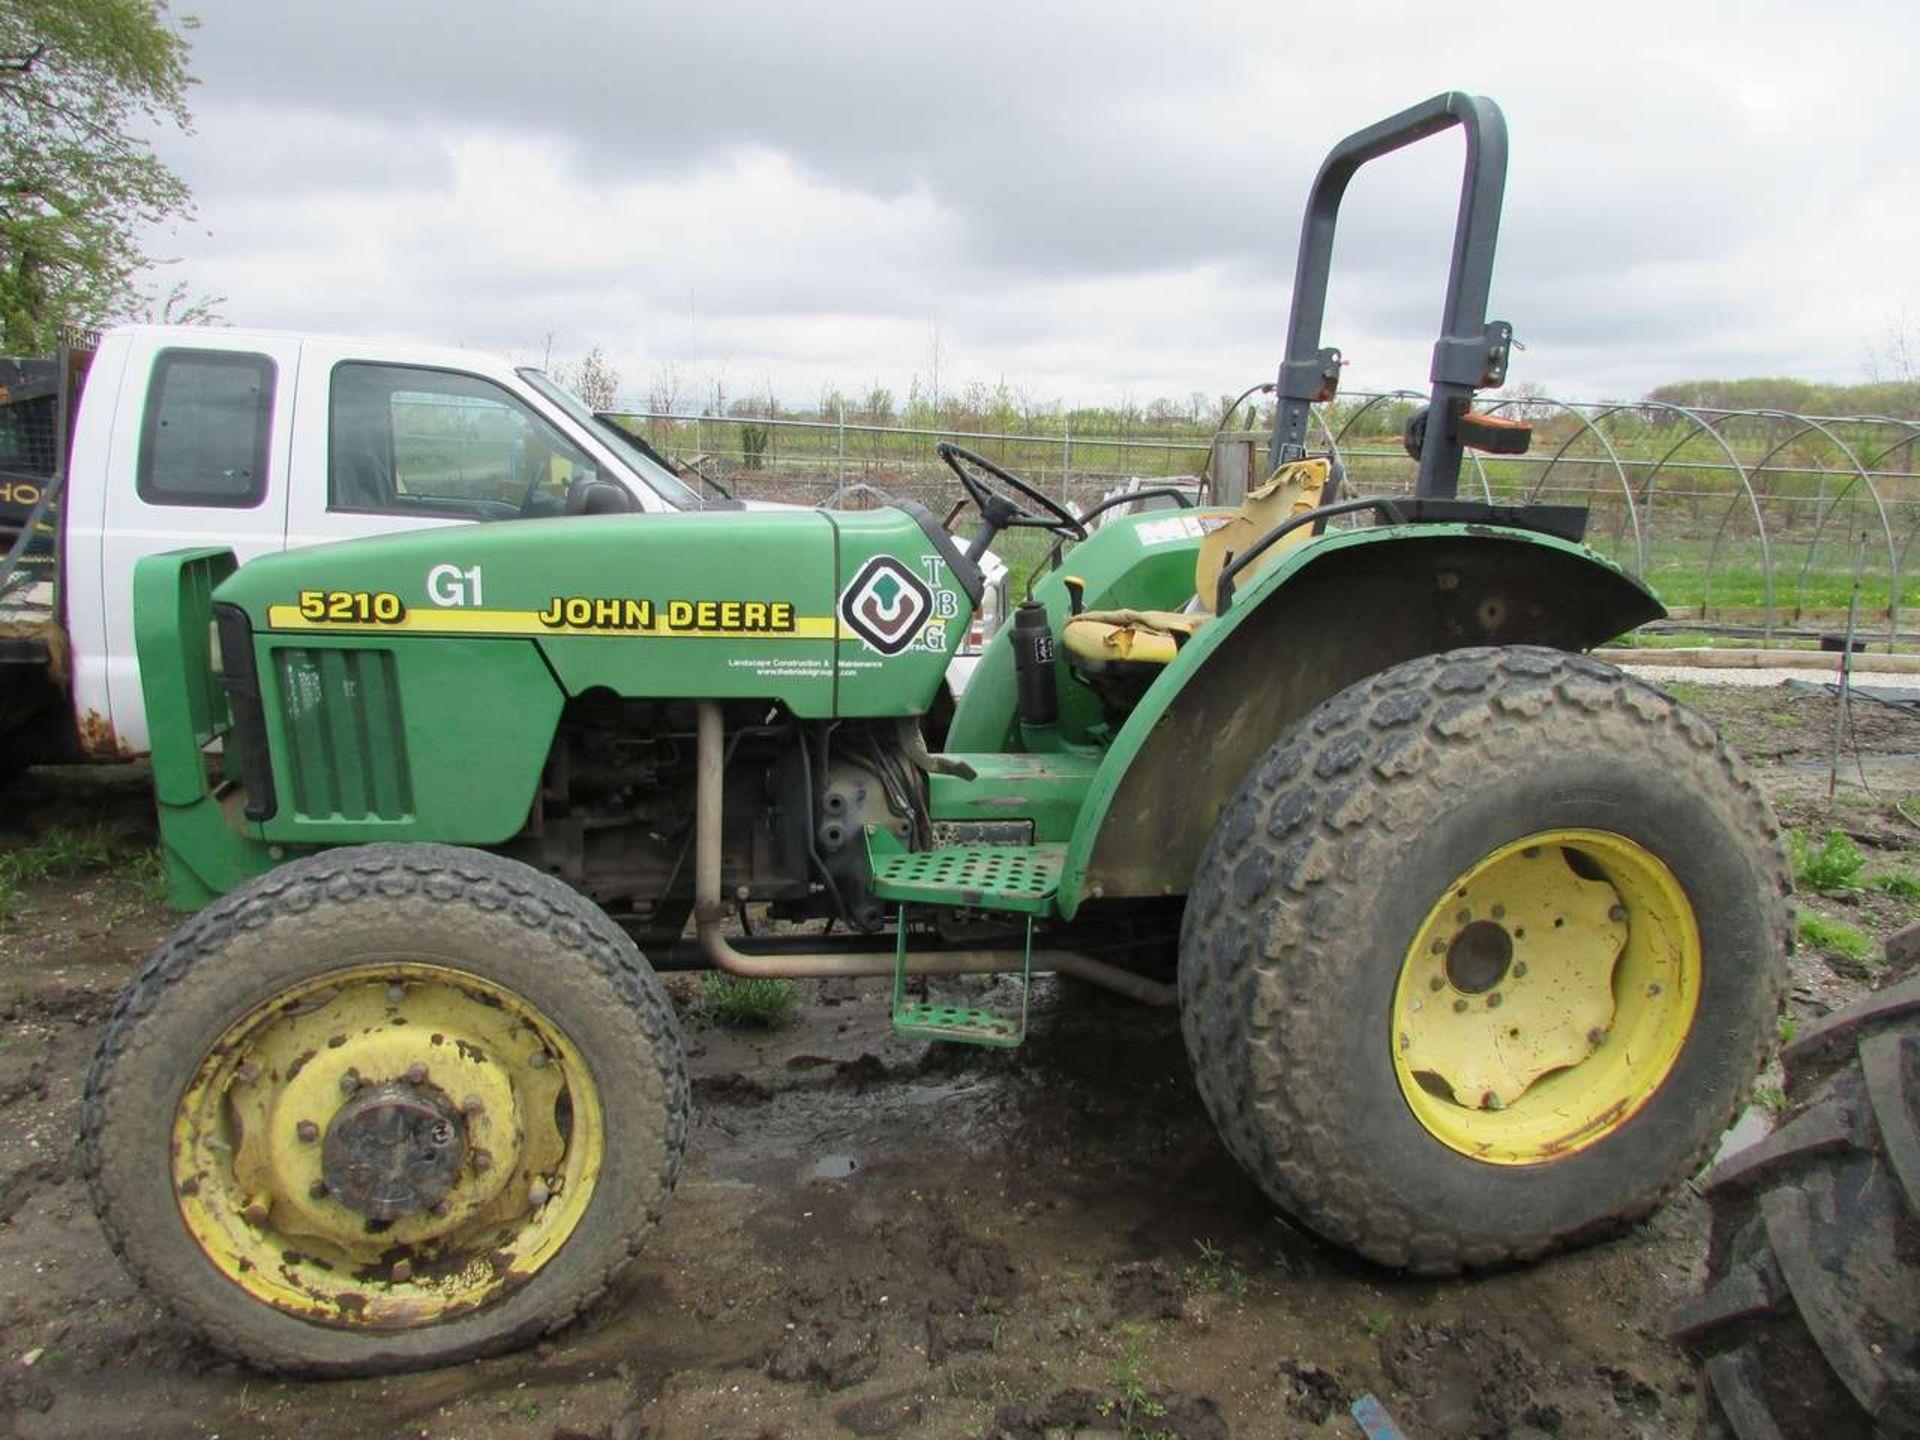 Lot 54 - 2000 John Deere 5210 Tractor